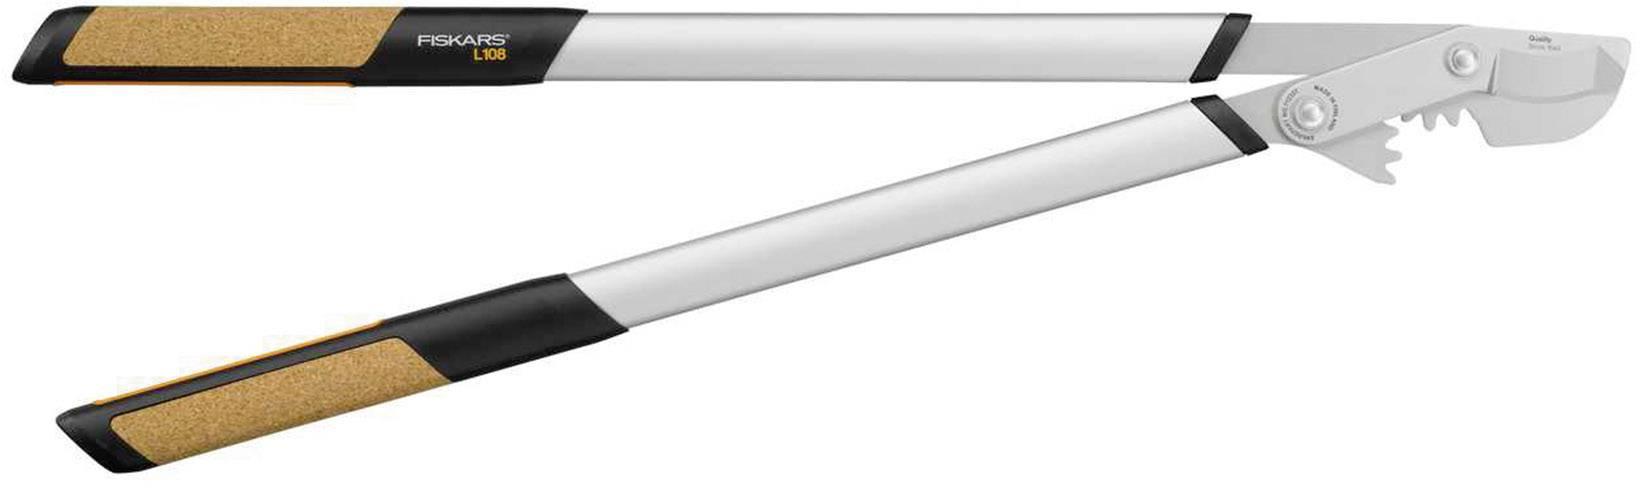 Zahradní pákové nůžky Fiskars Quantum, 80 cm 112630